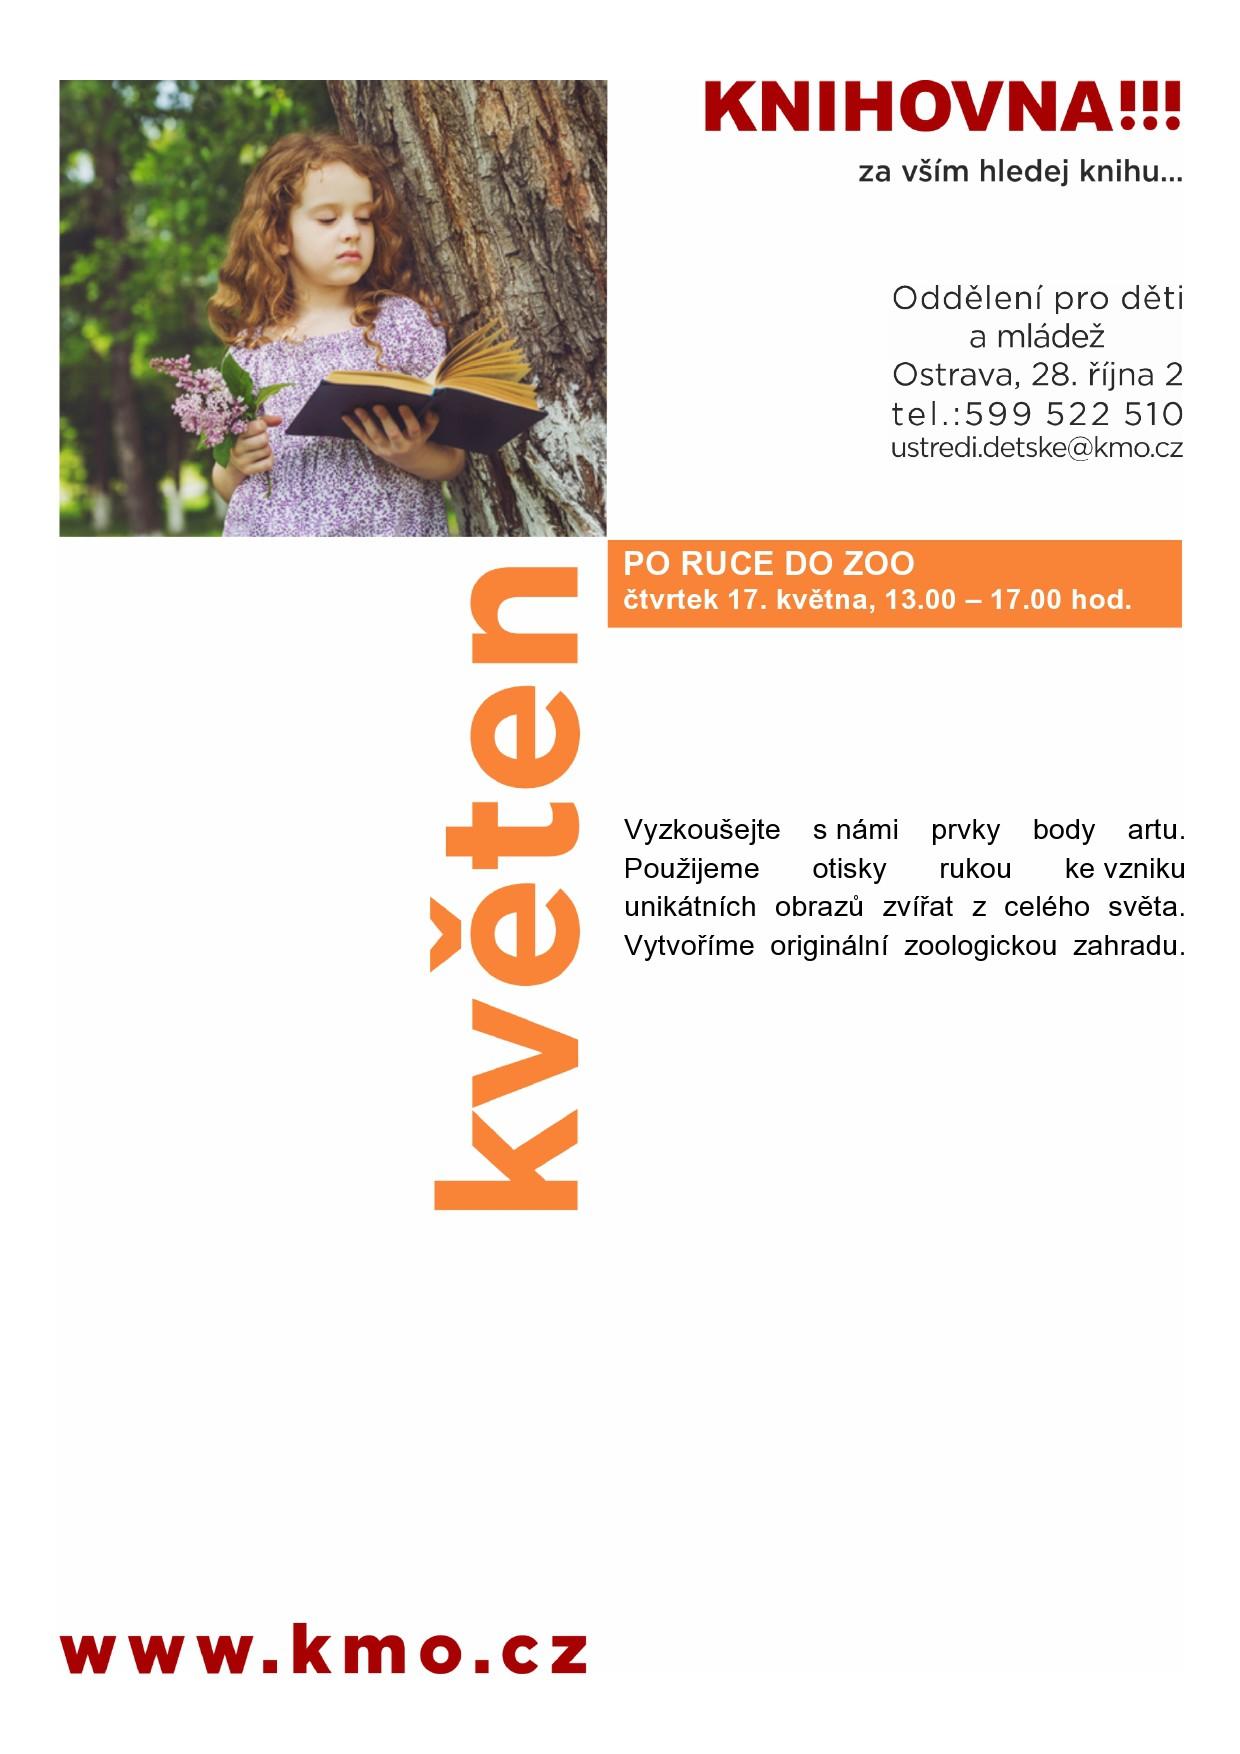 Výtvarná dílna - PO RUCE DO ZOO čtvrtek 17. května, 13.00 – 17.00 hod v Oddělení pro děti a mládež u mostu Miloše Sýkory. Vyzkoušejte s námi prvky body artu. Použijeme otisky rukou ke vzniku unikátních obrazů zvířat z celého světa.  Vytvoříme originální zoologickou zahradu.